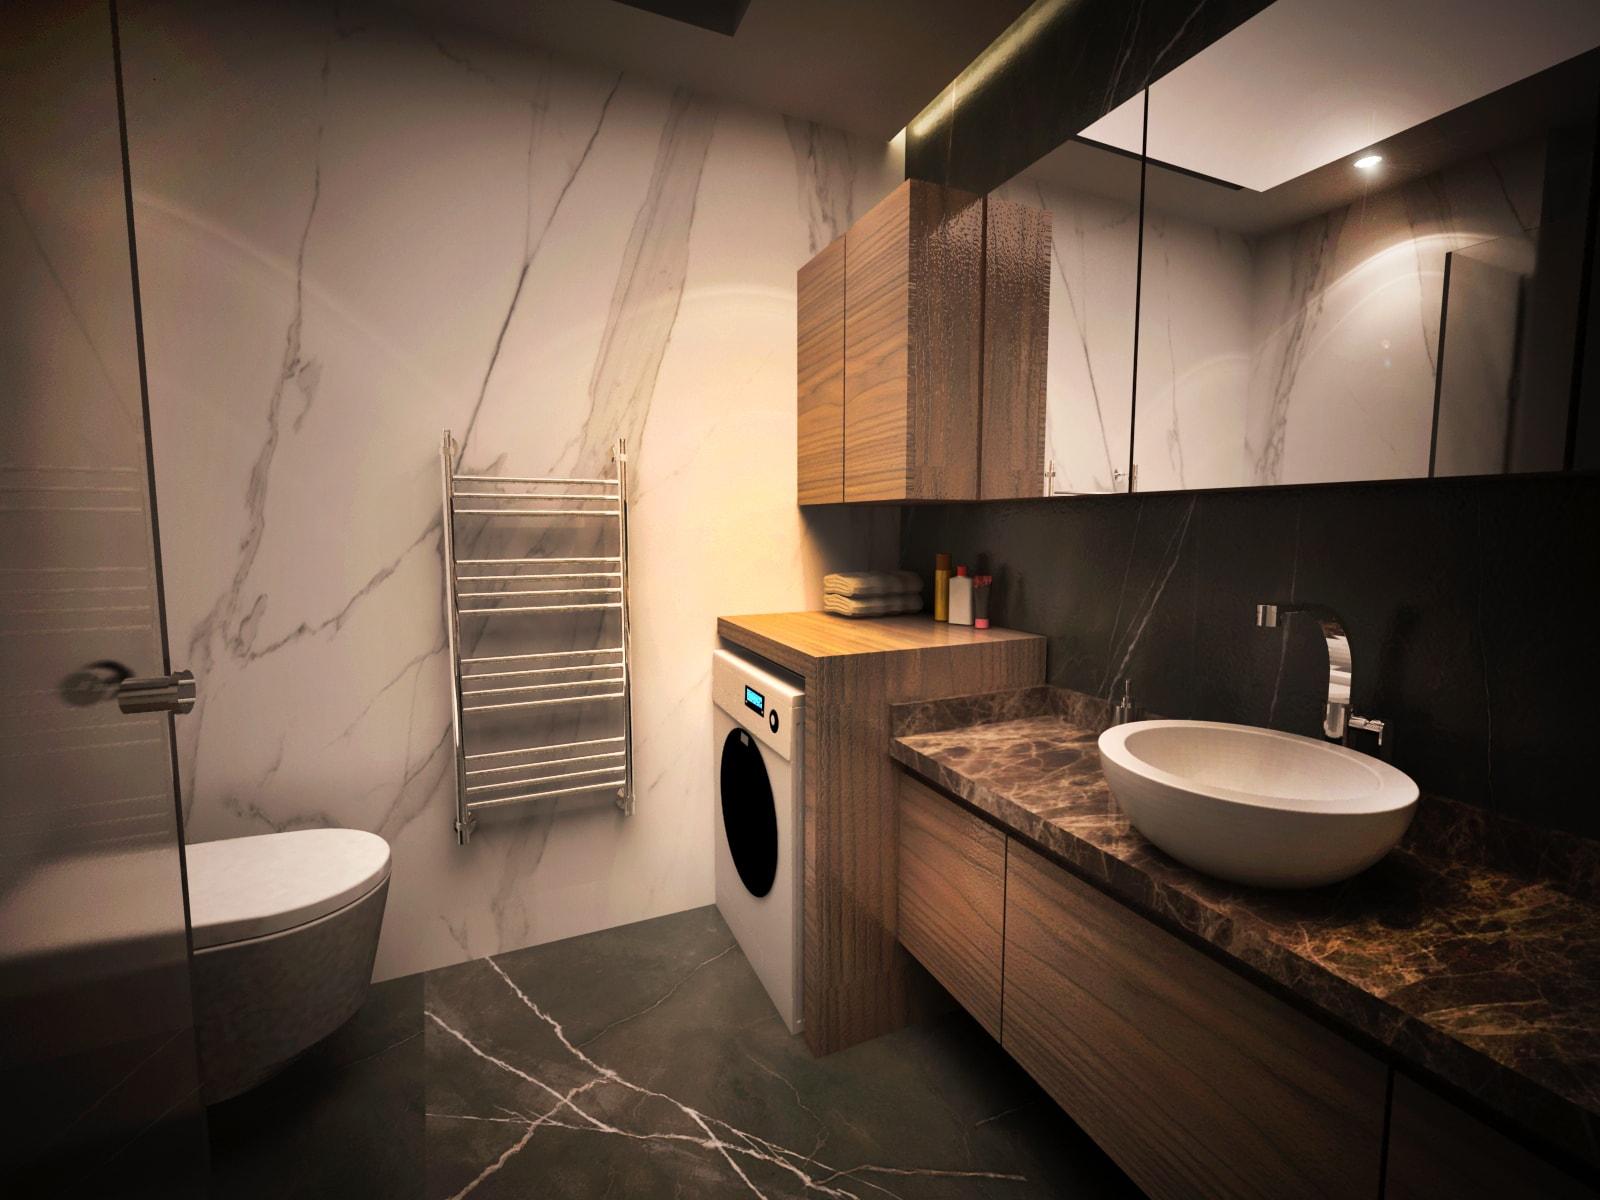 Продаются квартиры в жилом комплексе 3+1 - Фото 24